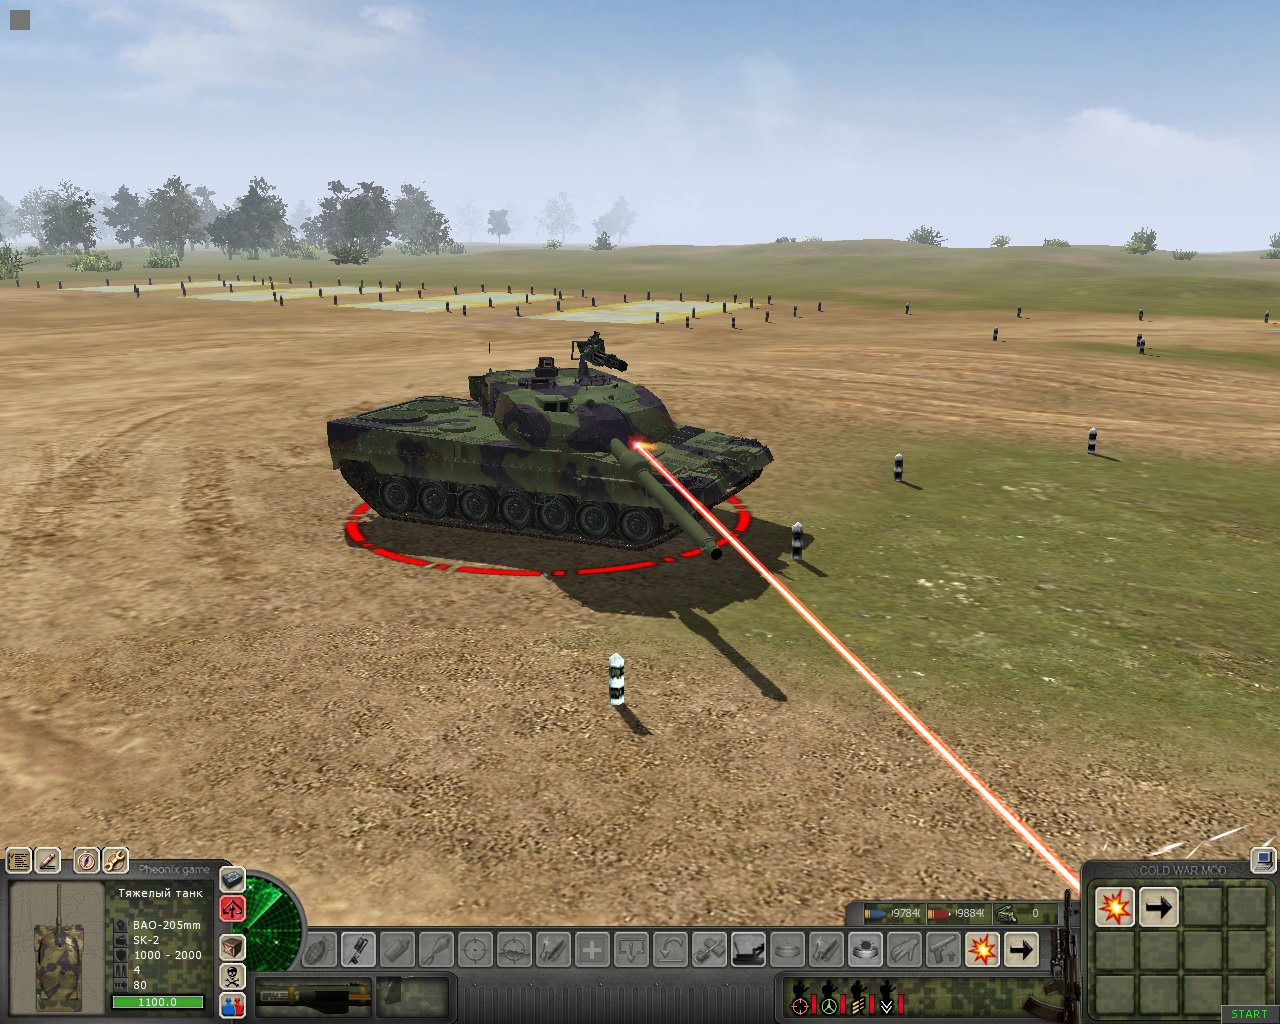 Скачать файл BAO-6 - лазерный танк